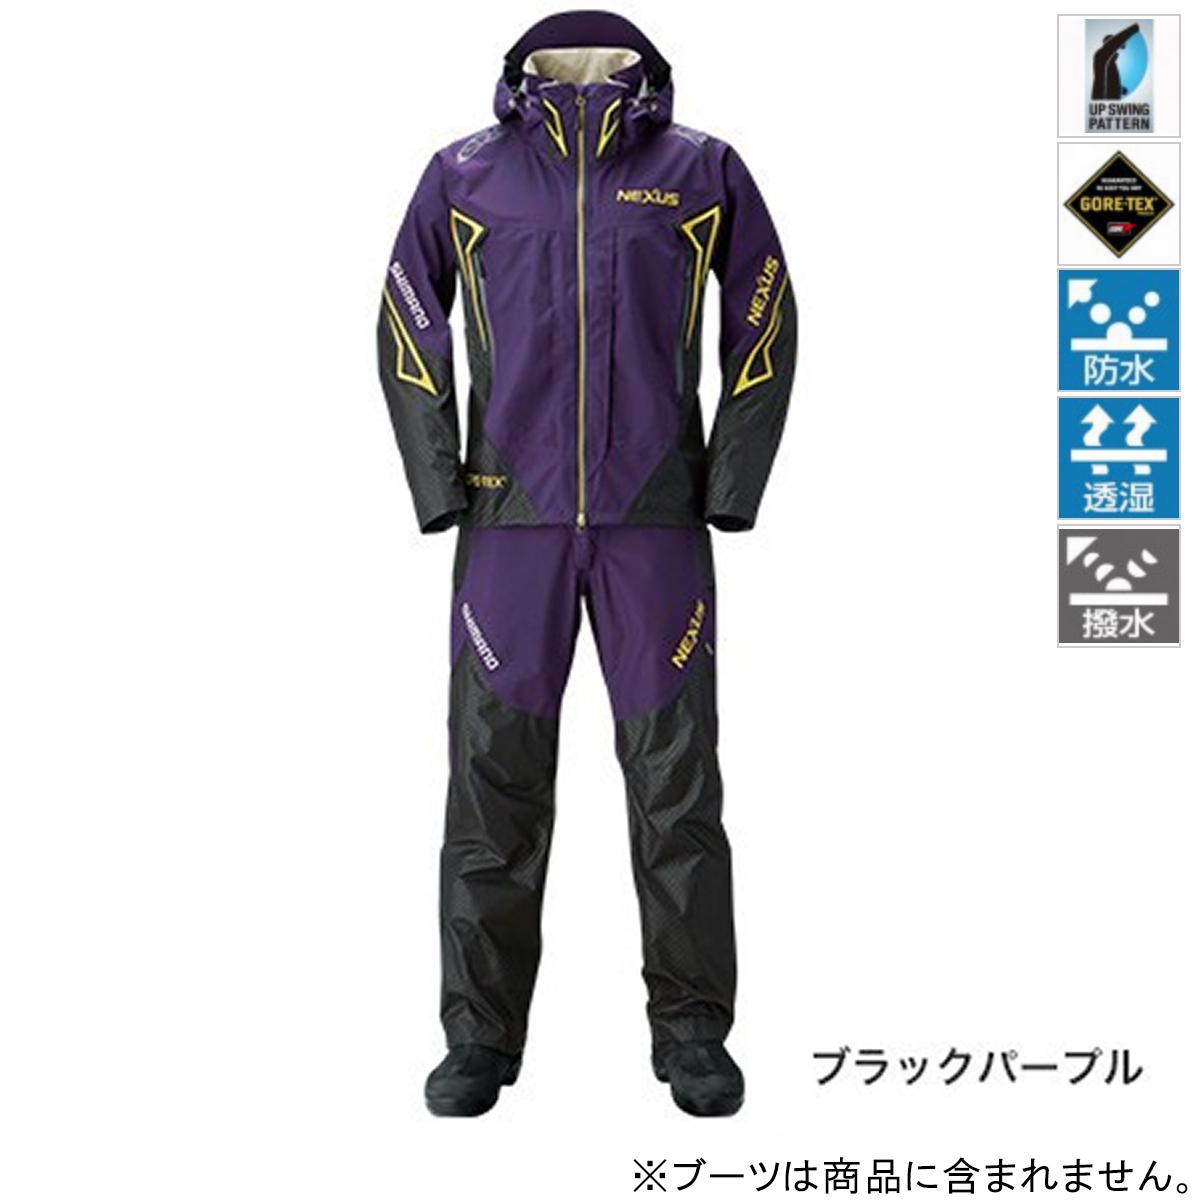 シマノ NEXUS GORE-TEX レインスーツ EX RA-119R 2XL ブラックパープル